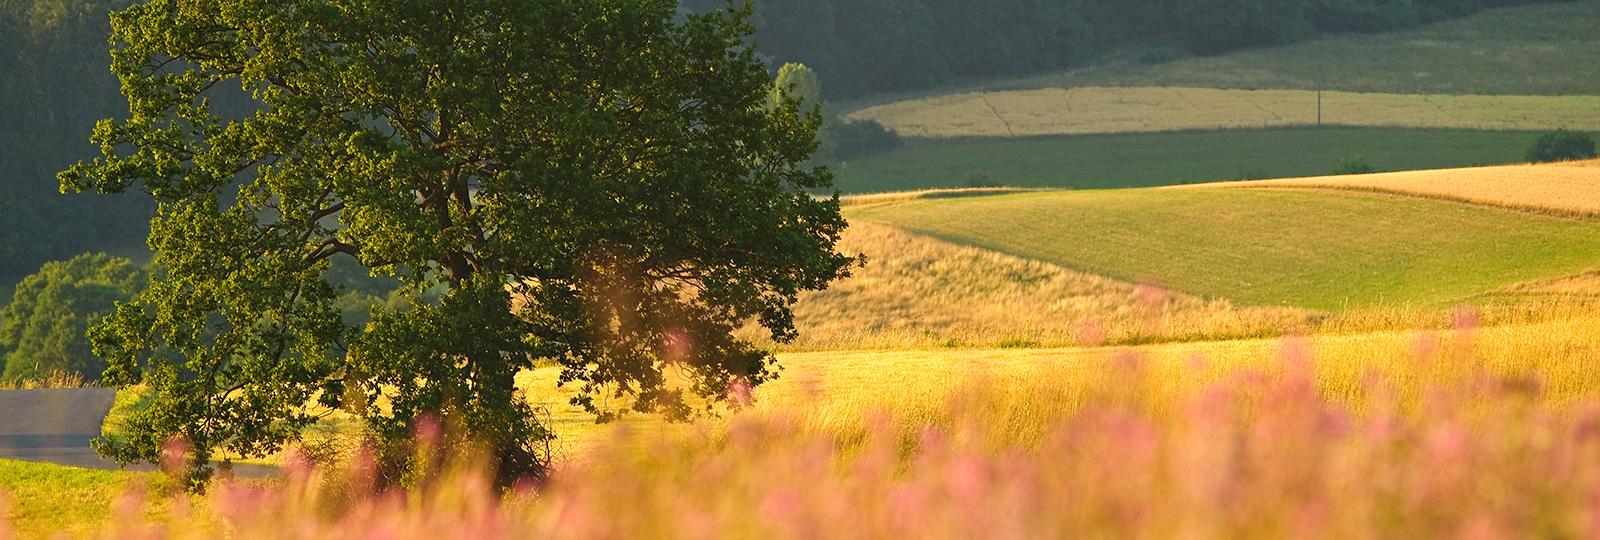 Baum inmitten von Feldern